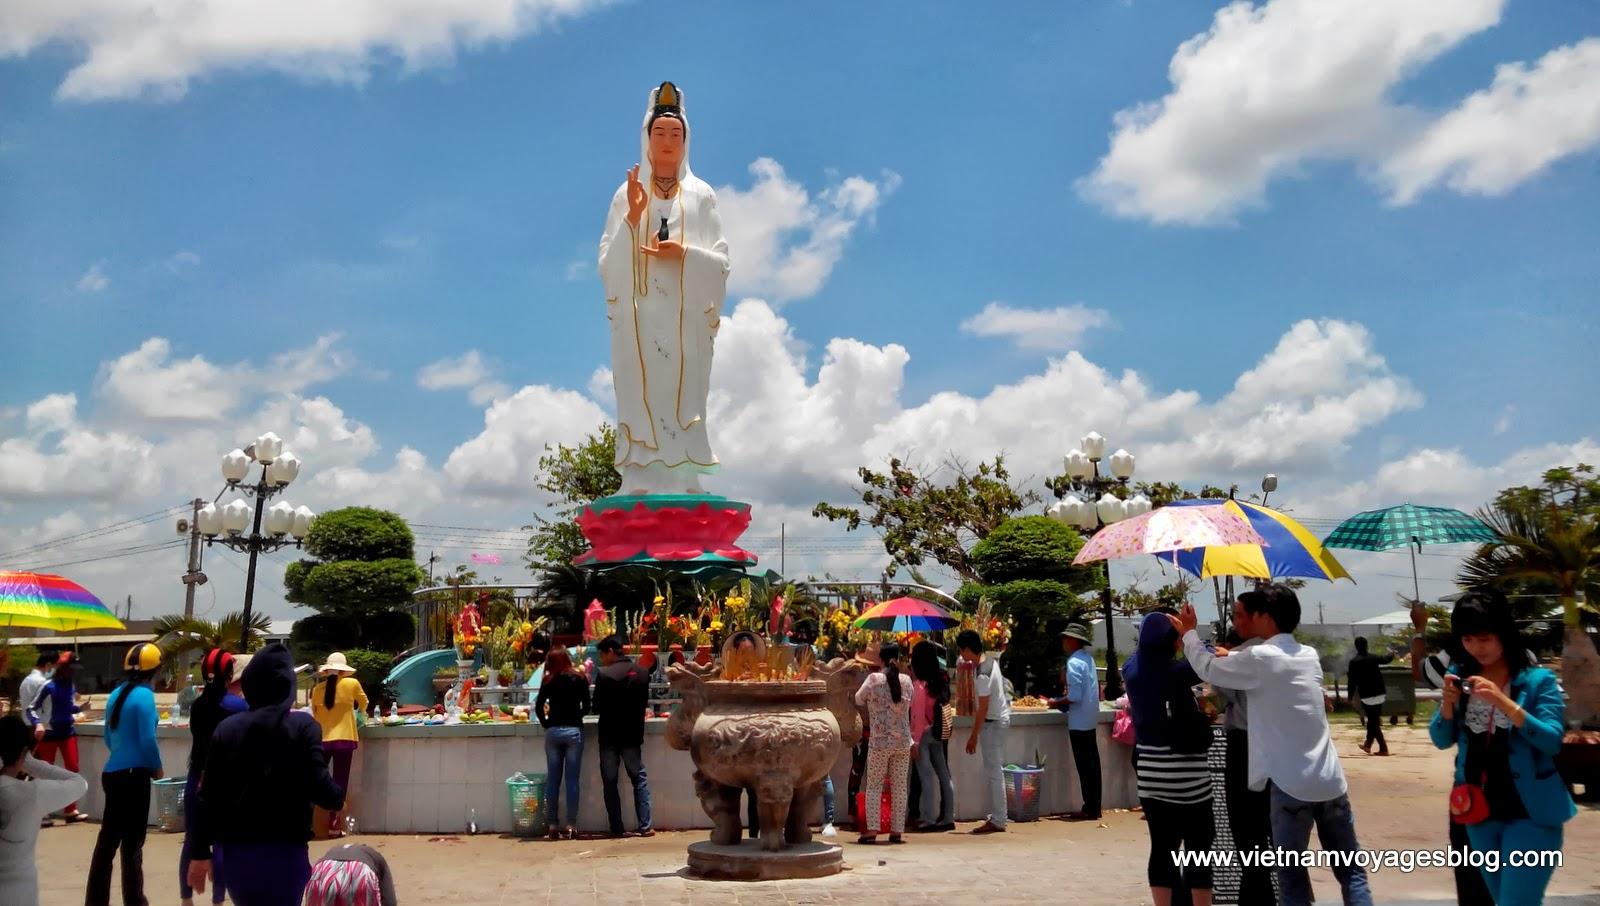 Bac Lieu Vietnam  city images : Nha Mat Beach, Bac Lieu Aug 2013 Travel Agency in Vietnam Tours ...